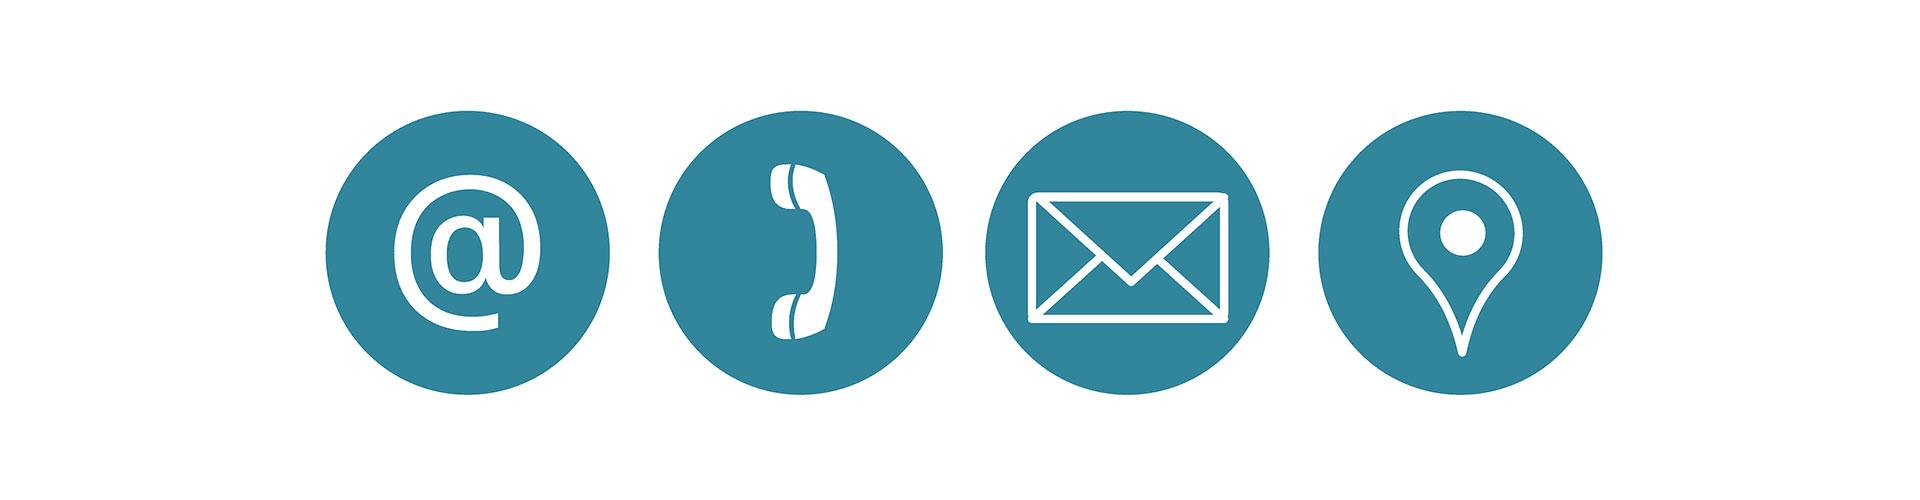 infos de contact - symboles téléphone, mail